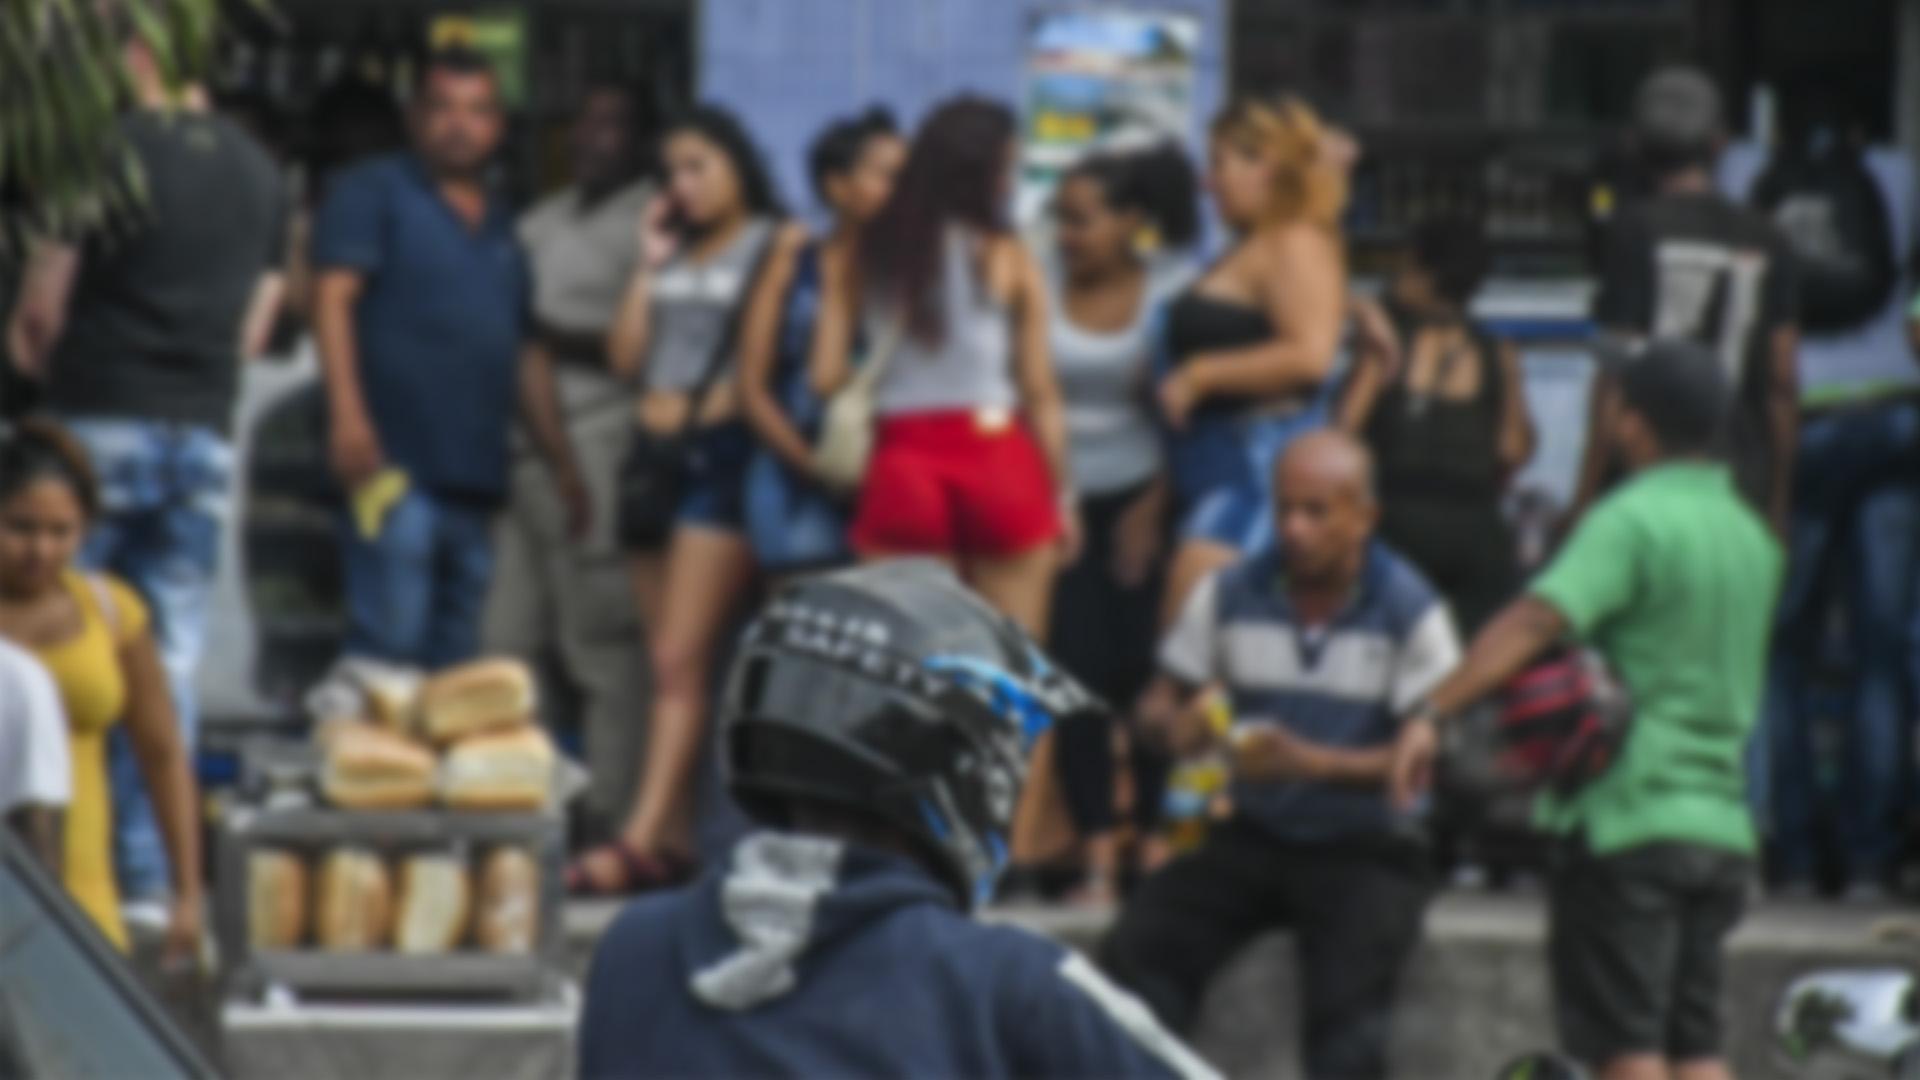 Detrás de la fachada de la venta de perros se teje una red de prostitución con mujeres extranjeras.